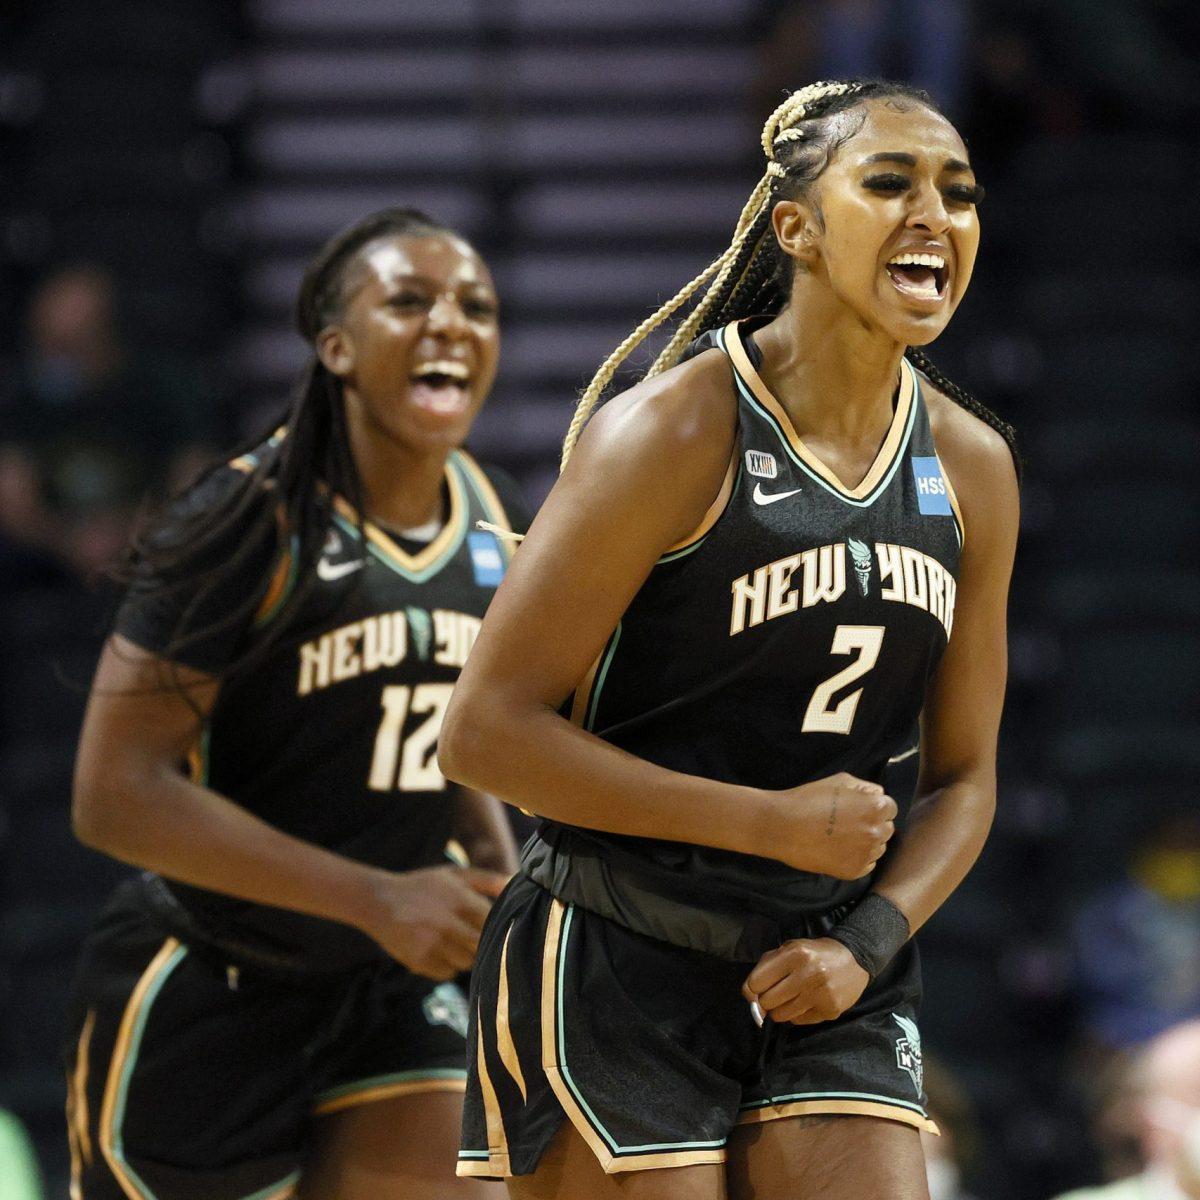 WNBA star DiDi Richards' message extends beyond basketball